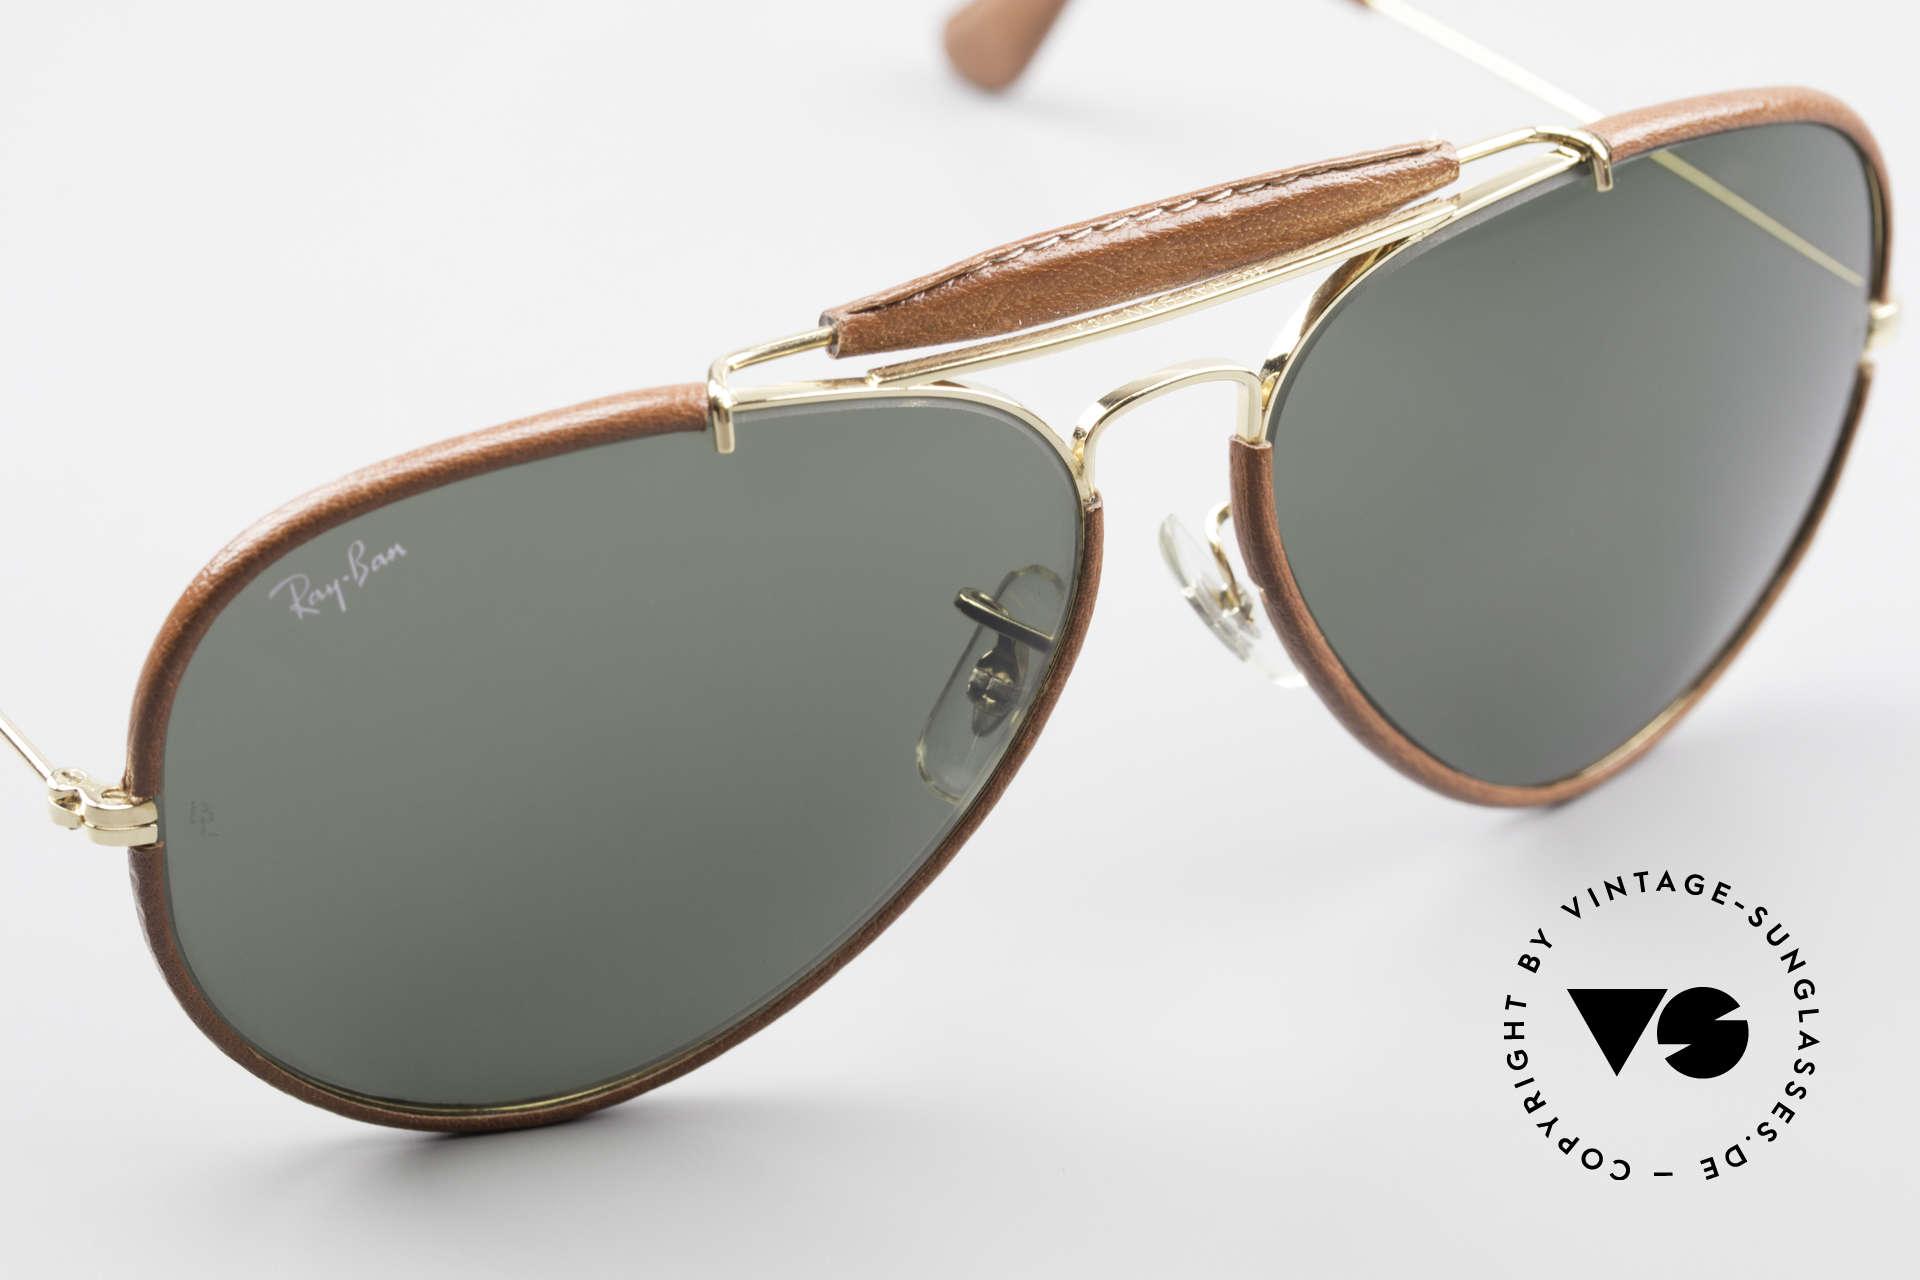 Ray Ban Outdoorsman II USA Leder Sonnenbrille 80er, KEINE Retrobrille, sondern ein kostbares 80er Original, Passend für Herren